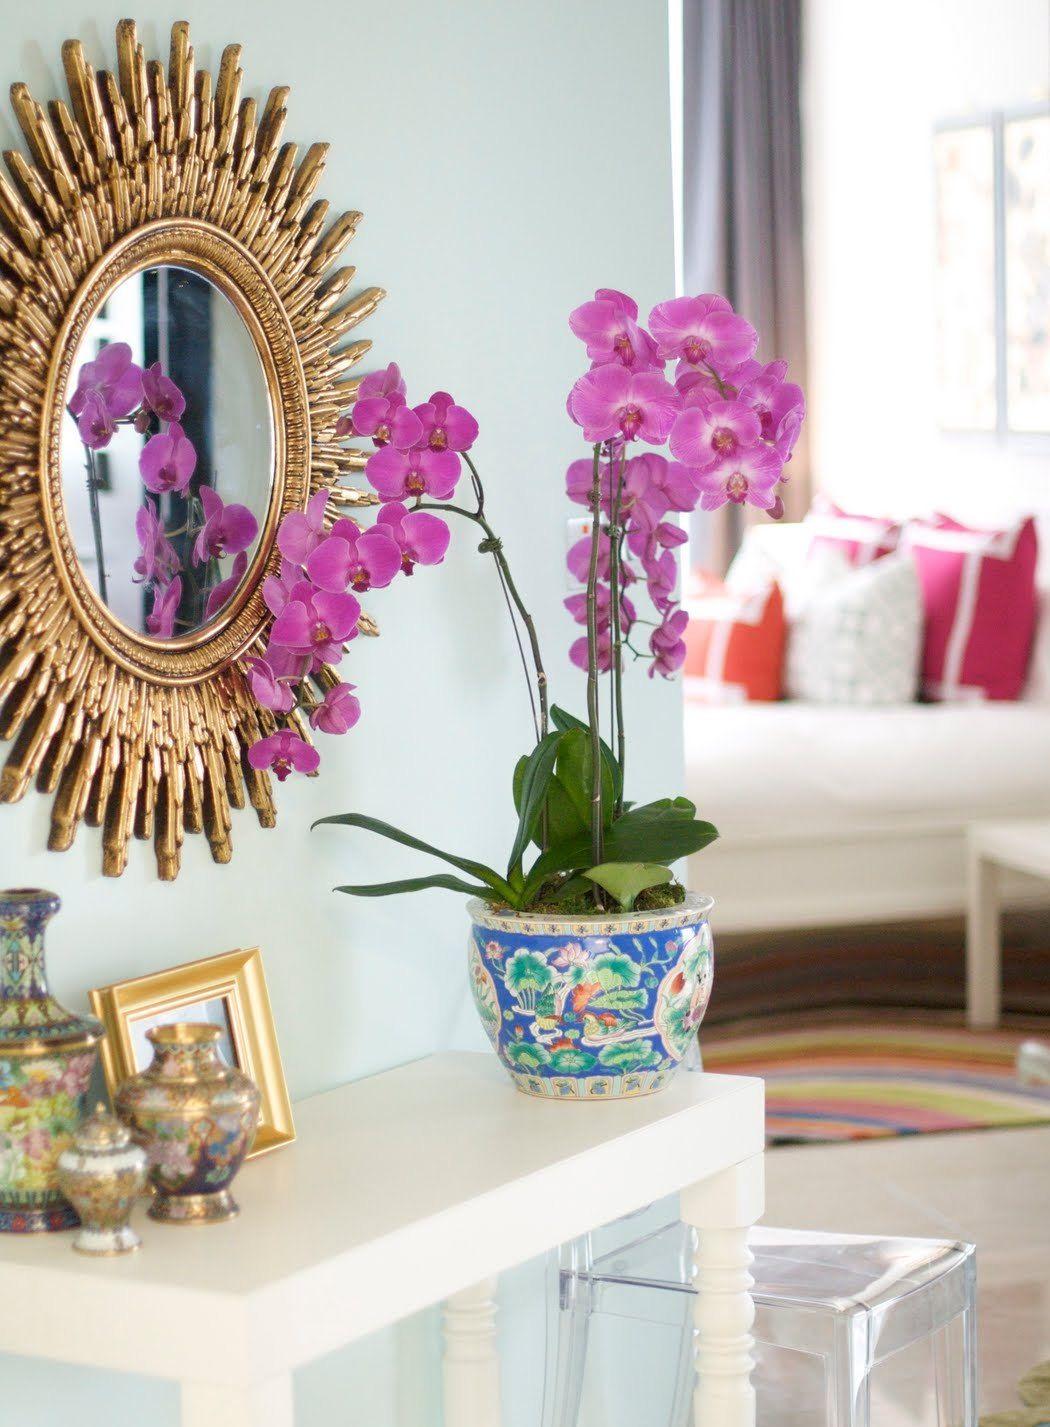 Un miroir dans un cadre exquis est un point culminant lumineux de l'intérieur